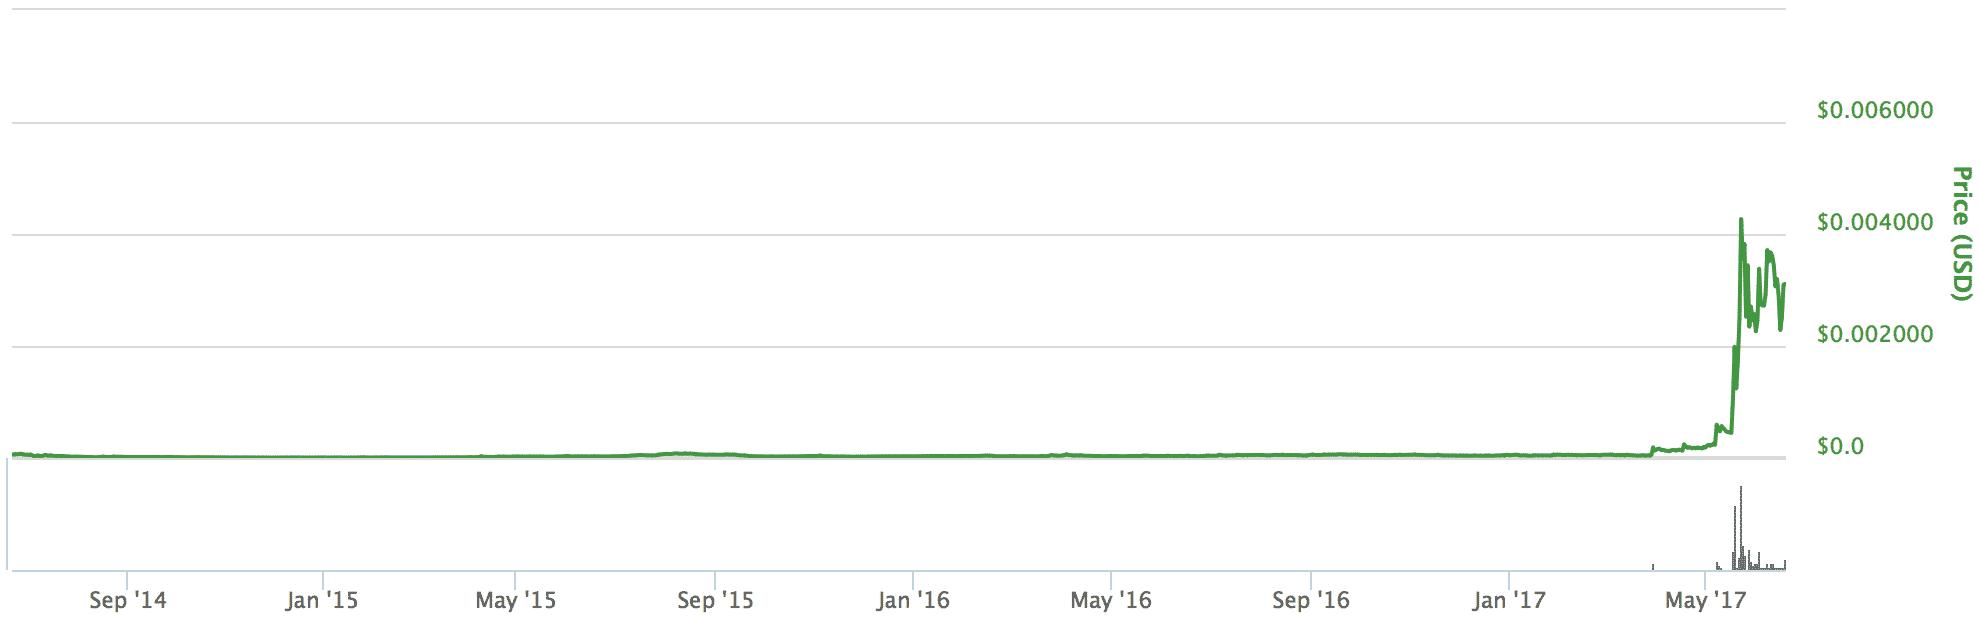 バイトコイン(Bytecoin)とは|仮想通貨の特徴・価格推移・チャート・購入方法2